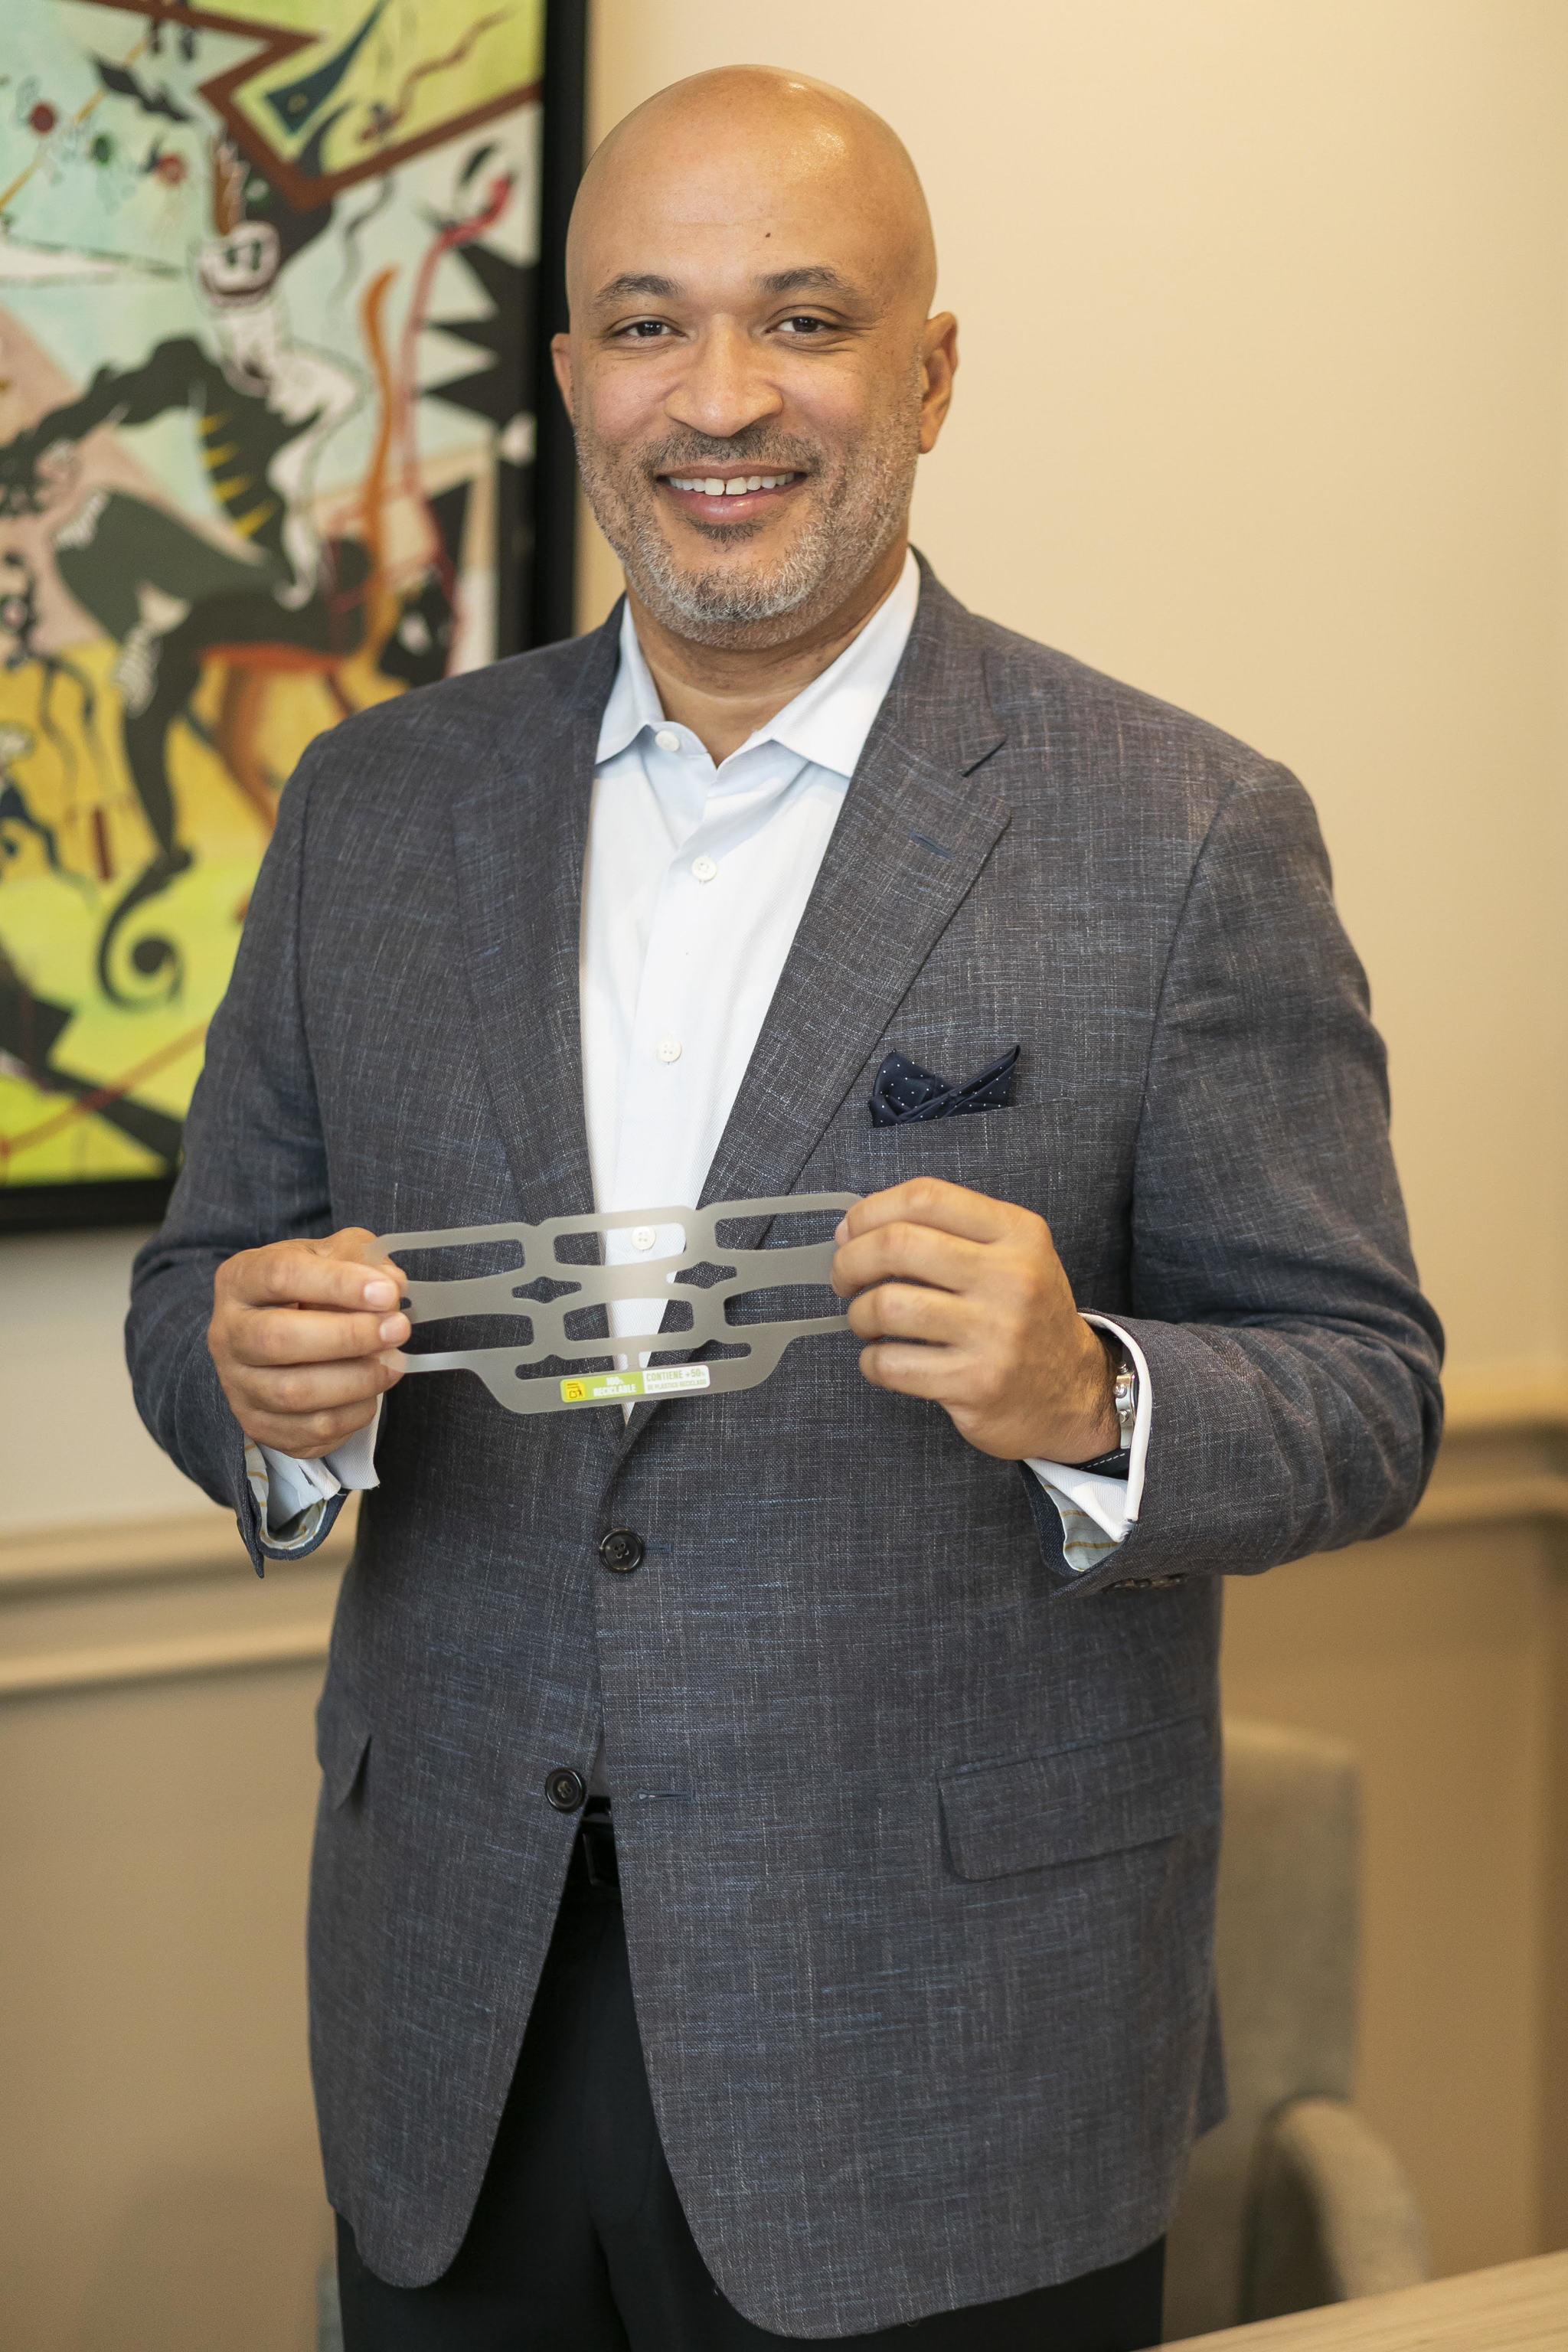 Shawn Welch, vicepresidente y director general de Hi-Cone.